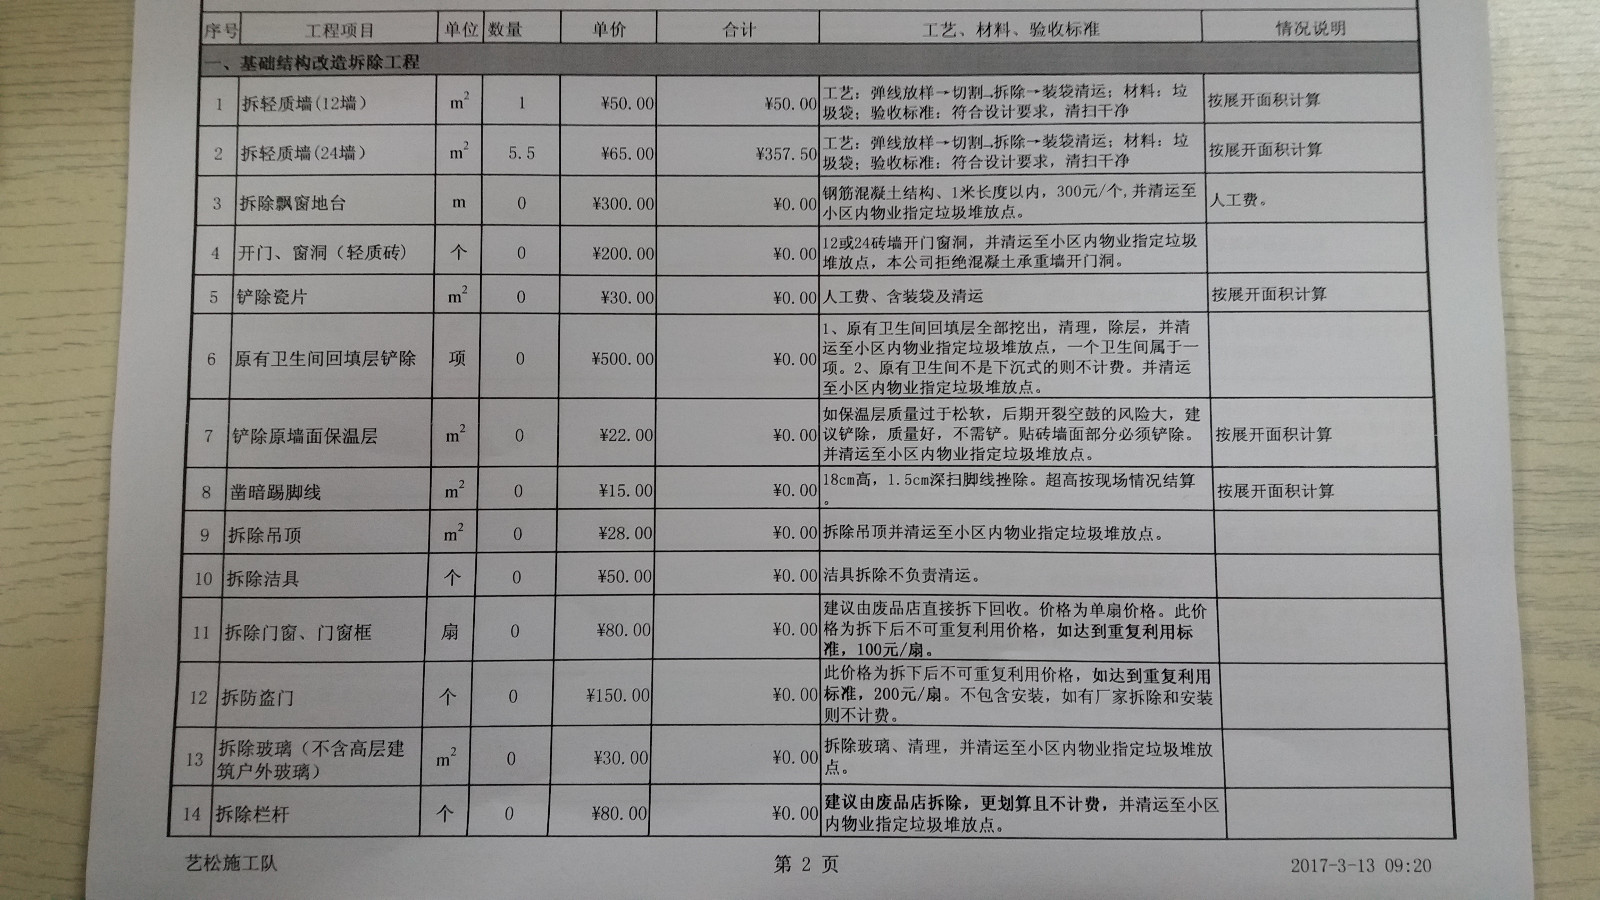 长源假日港湾报价审核结果1